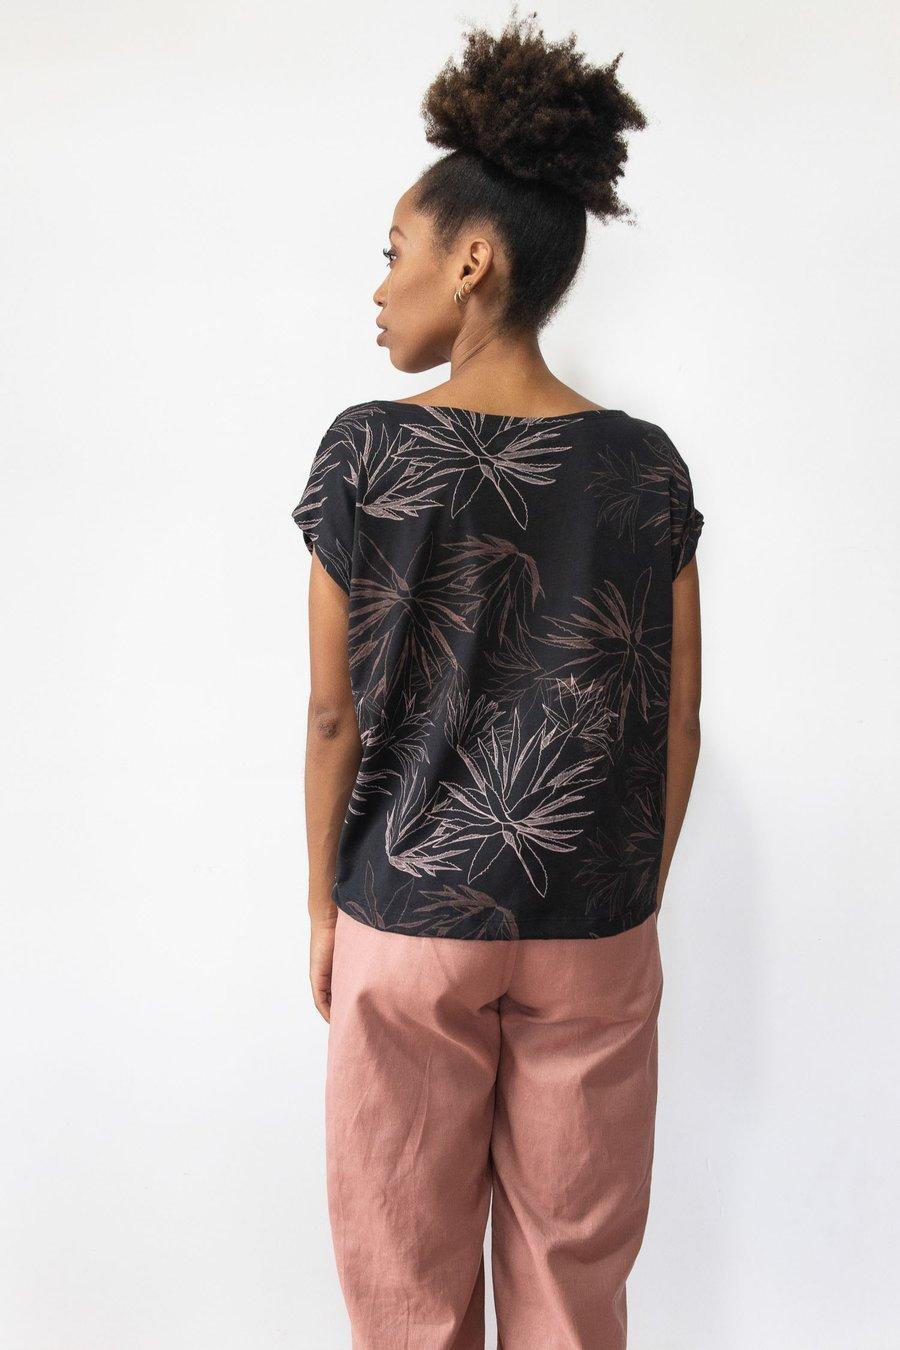 Image of Keang Top - Black Cactus Print